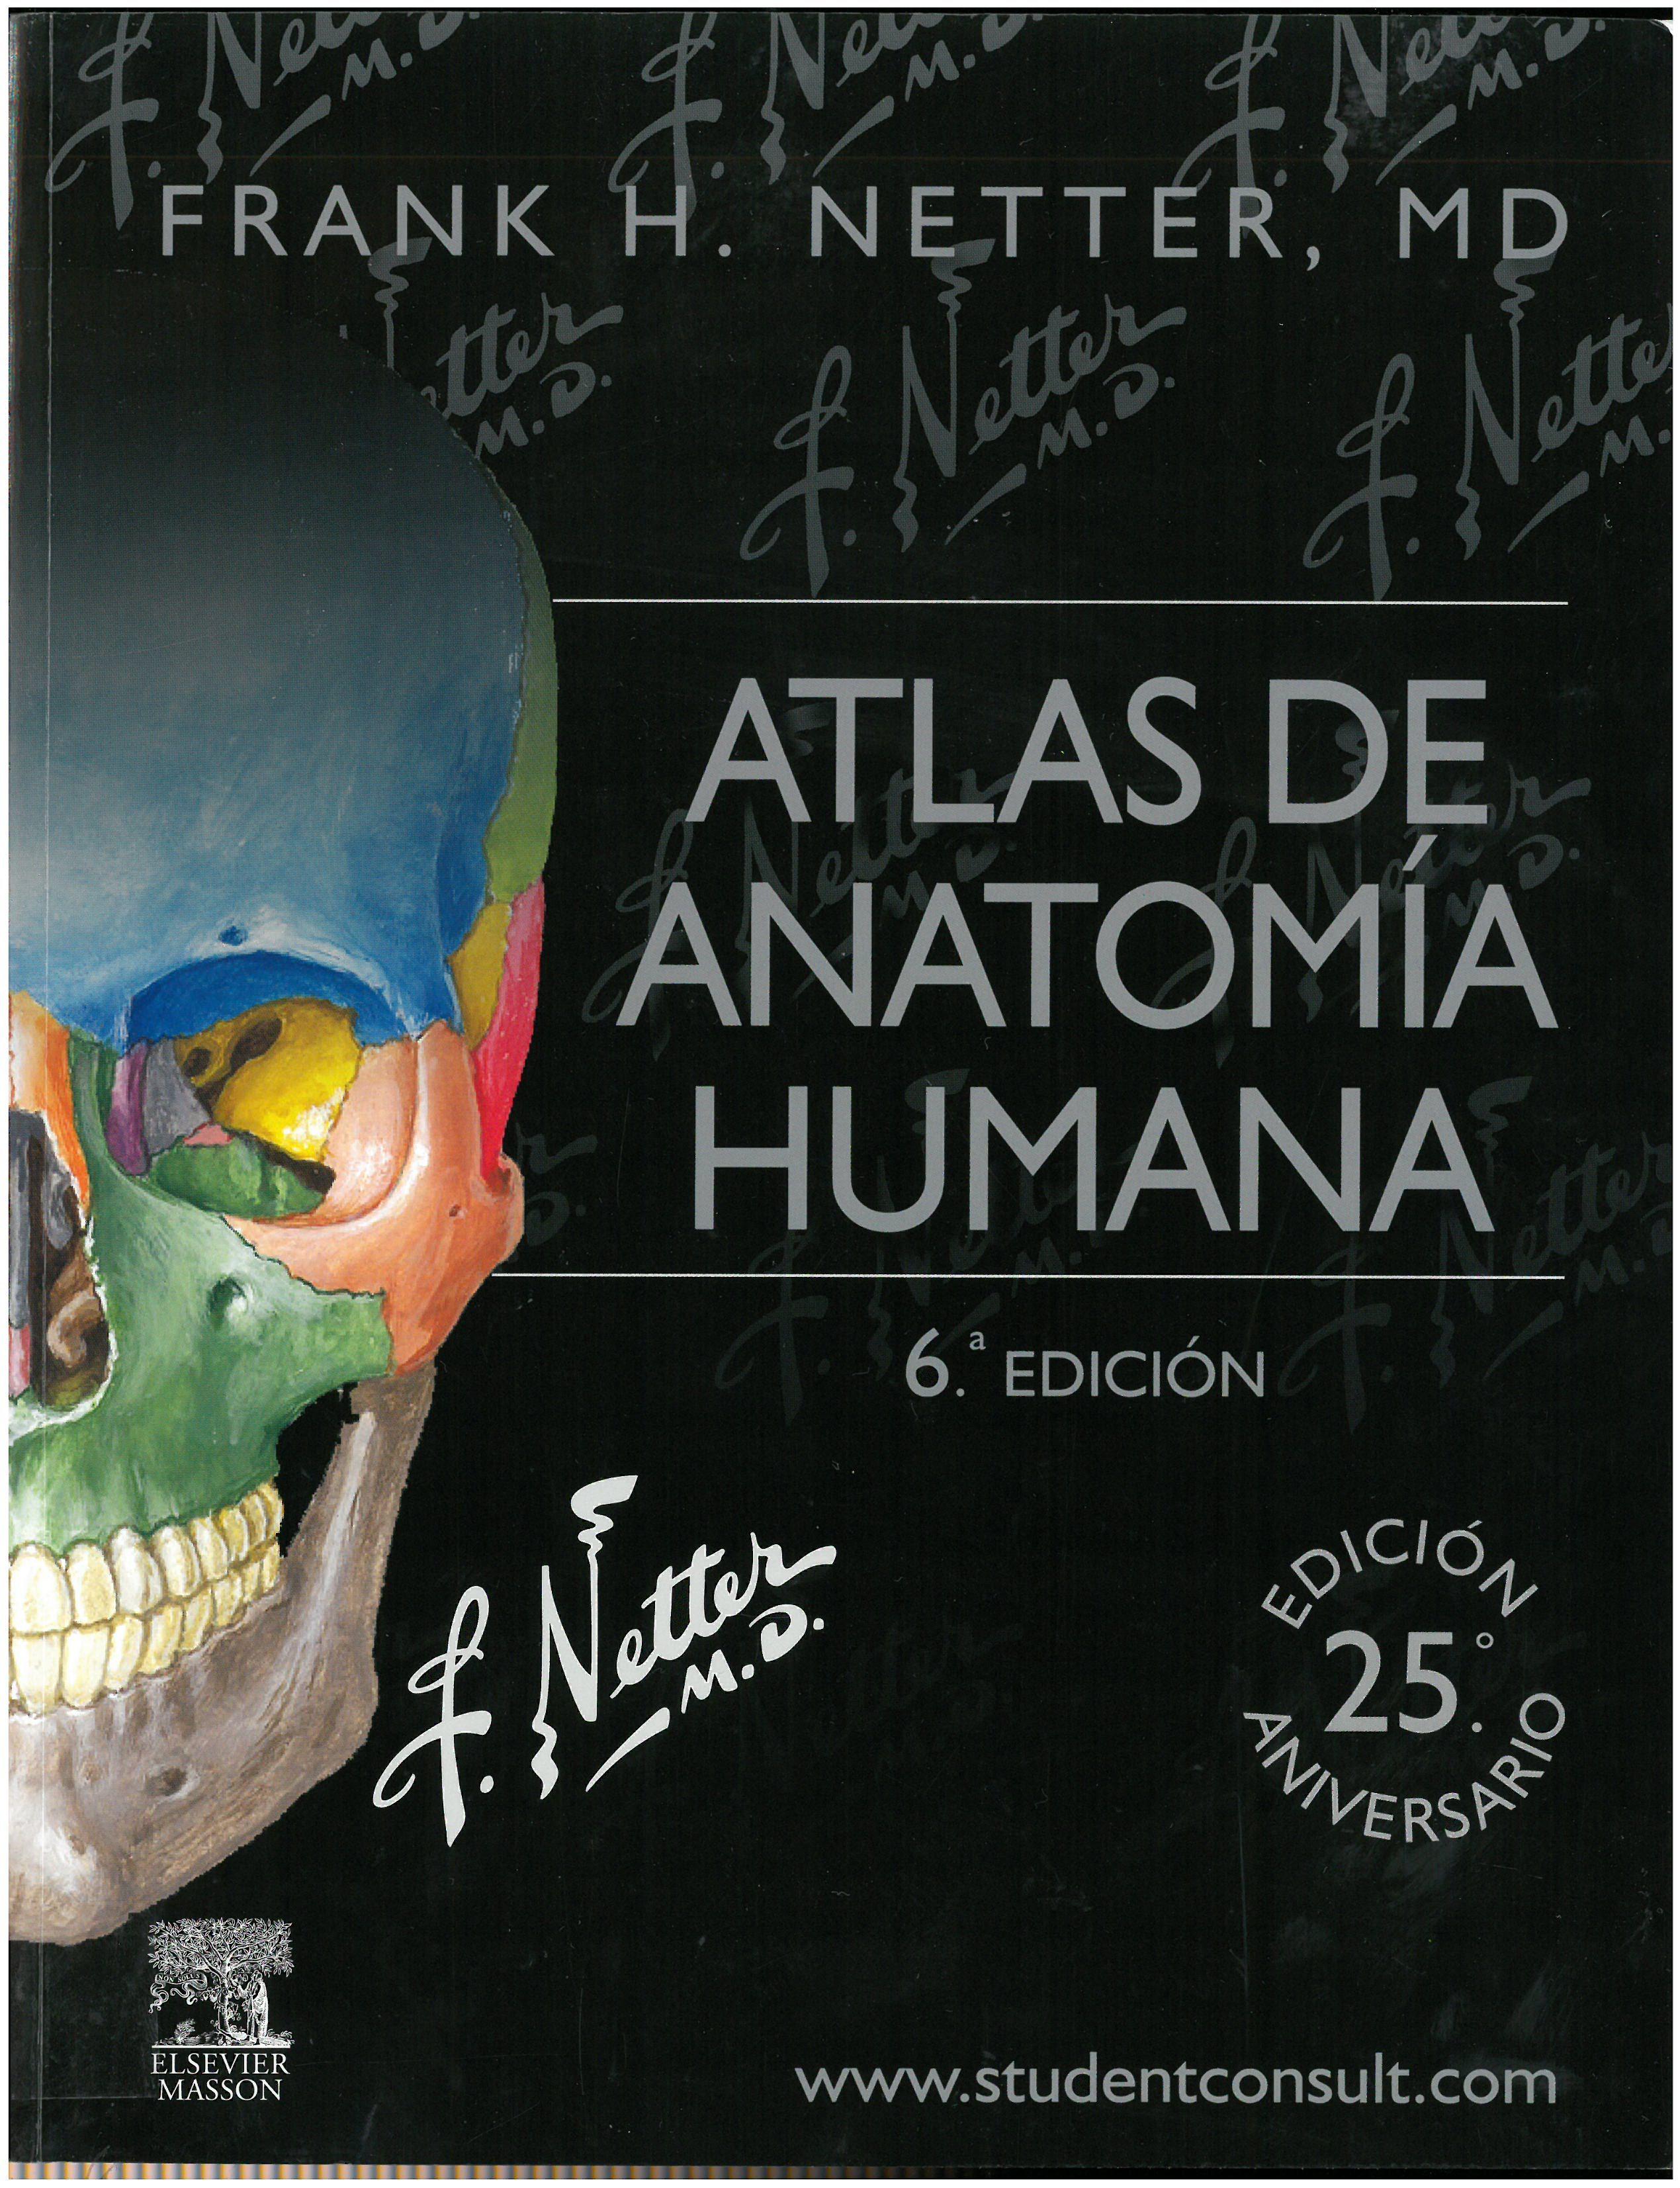 Atlas de anatomía humana / Frank H. Netter ; [traducción y revisión científica, Víctor Götzens García]. 6ª ed. 2015